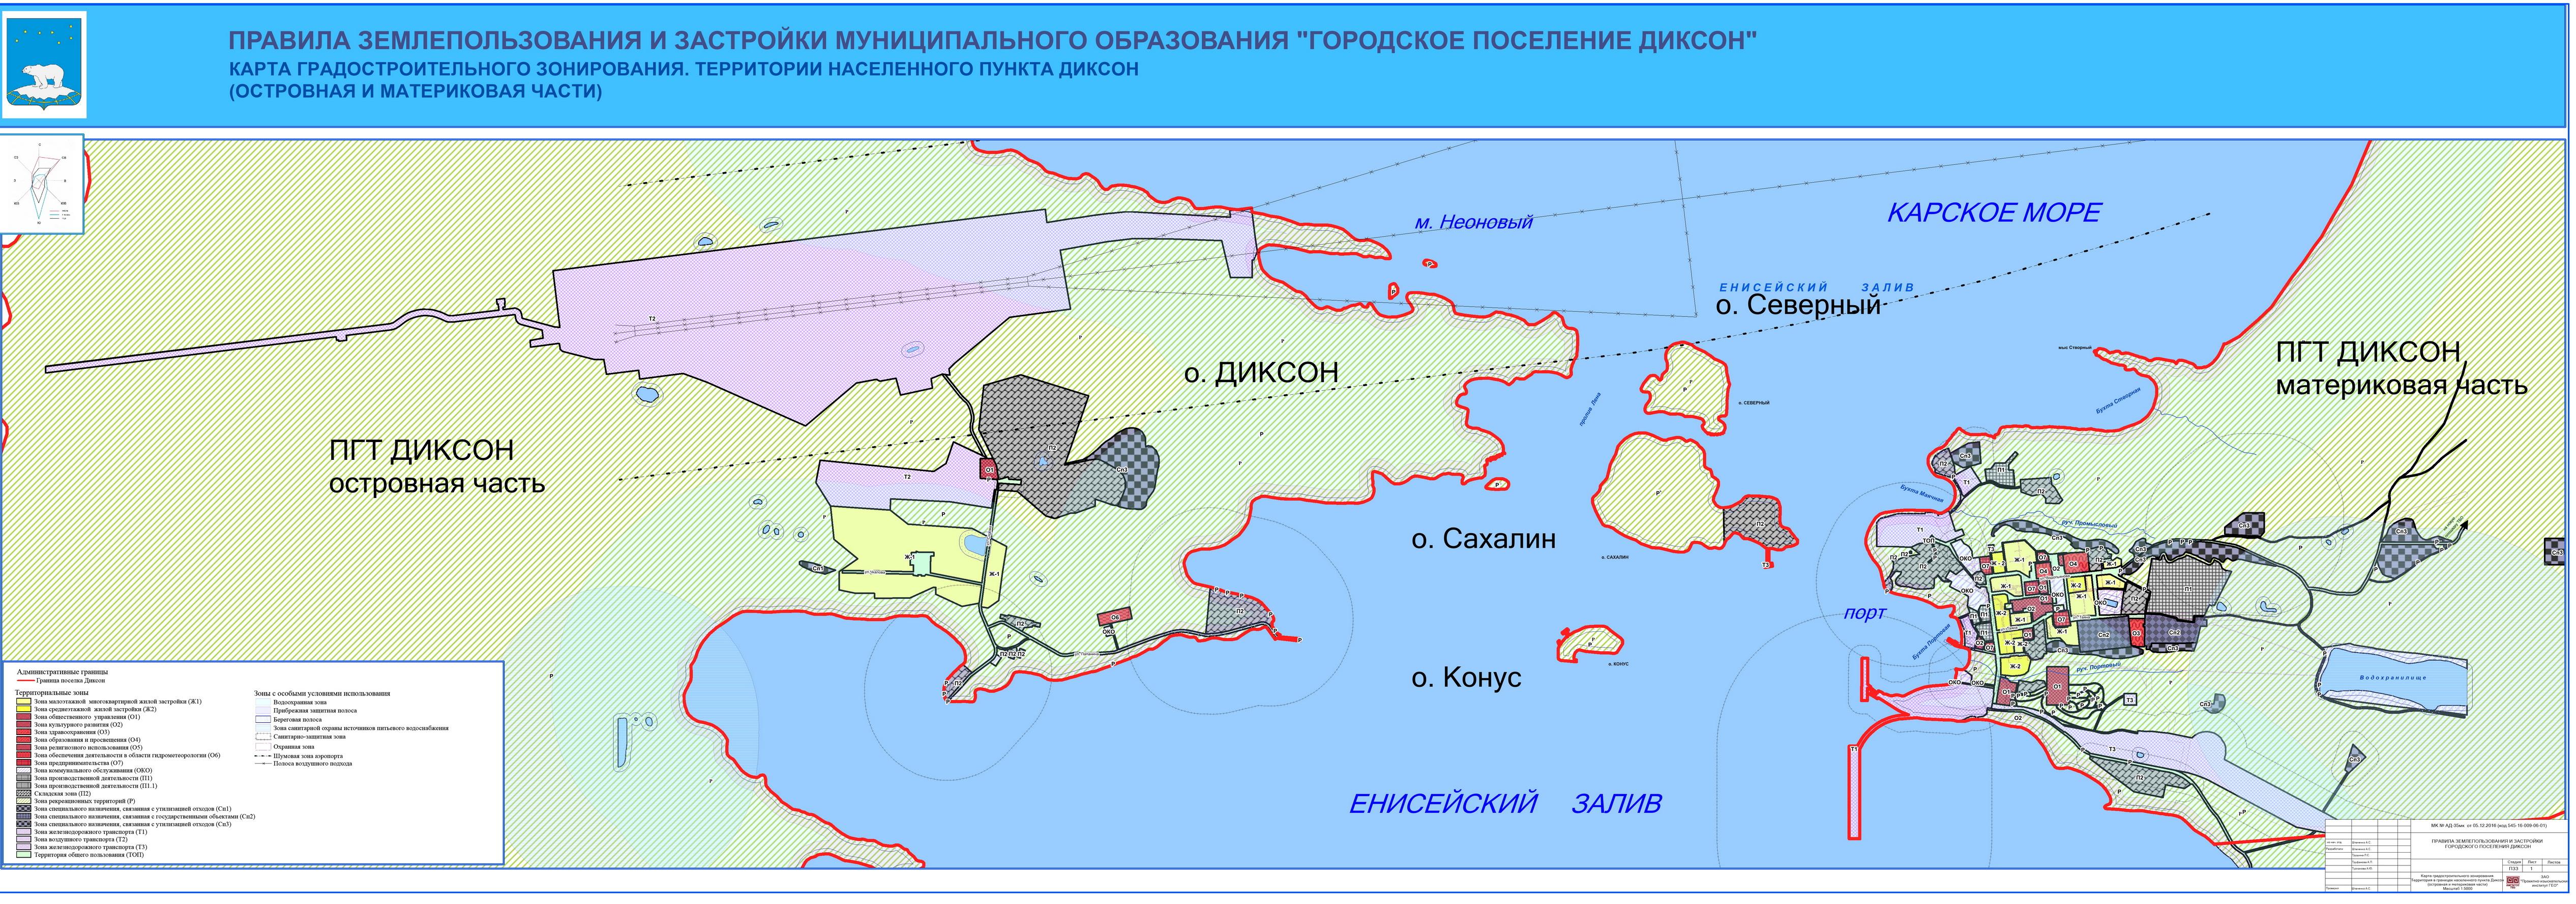 Карта_градостроительного_зонирования_территории _нп_Диксон_островная_и_материковая_части